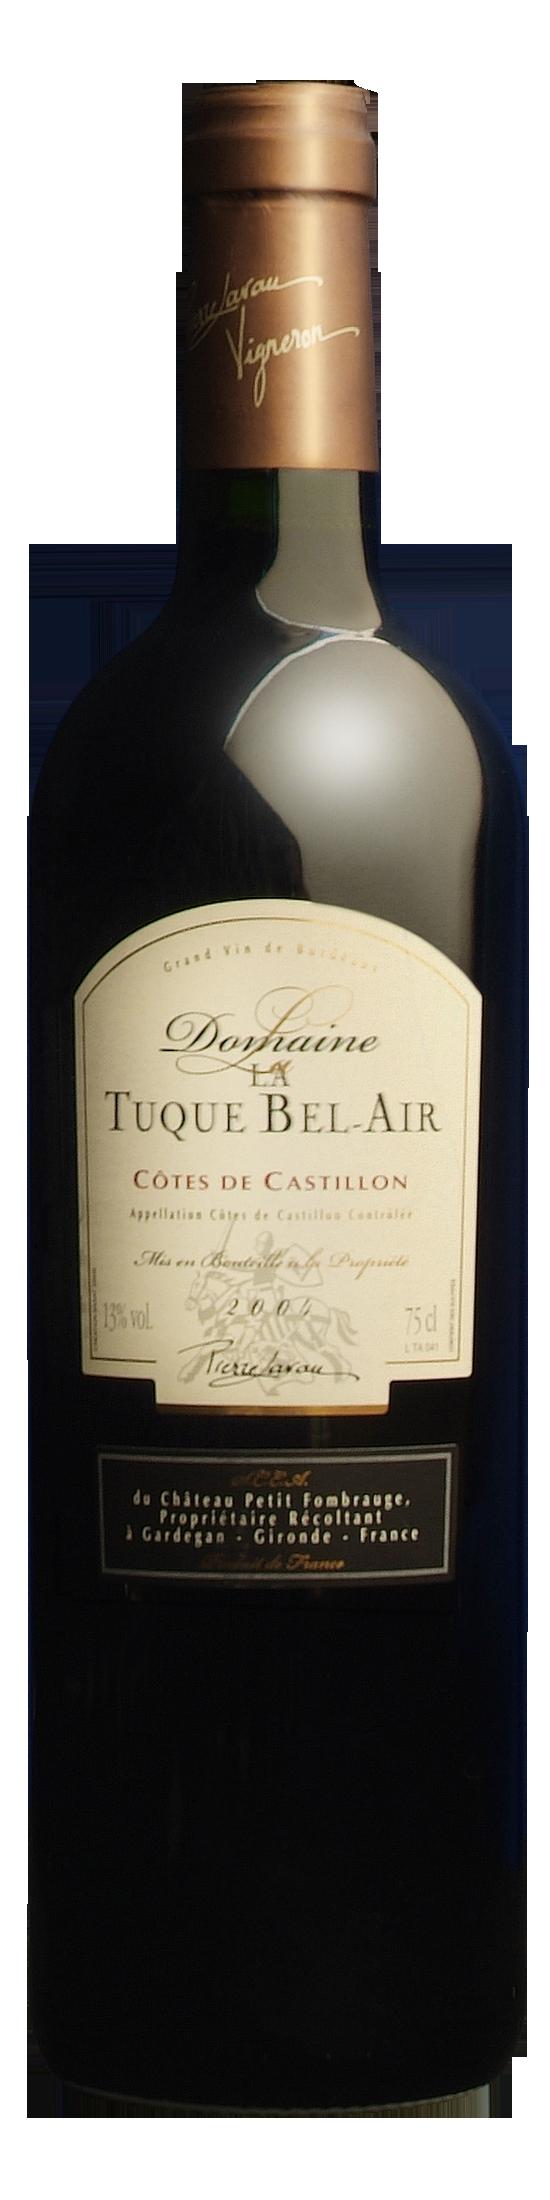 Domaine La Tuque Bel Air AOC Castillon Côtes de Bordeaux